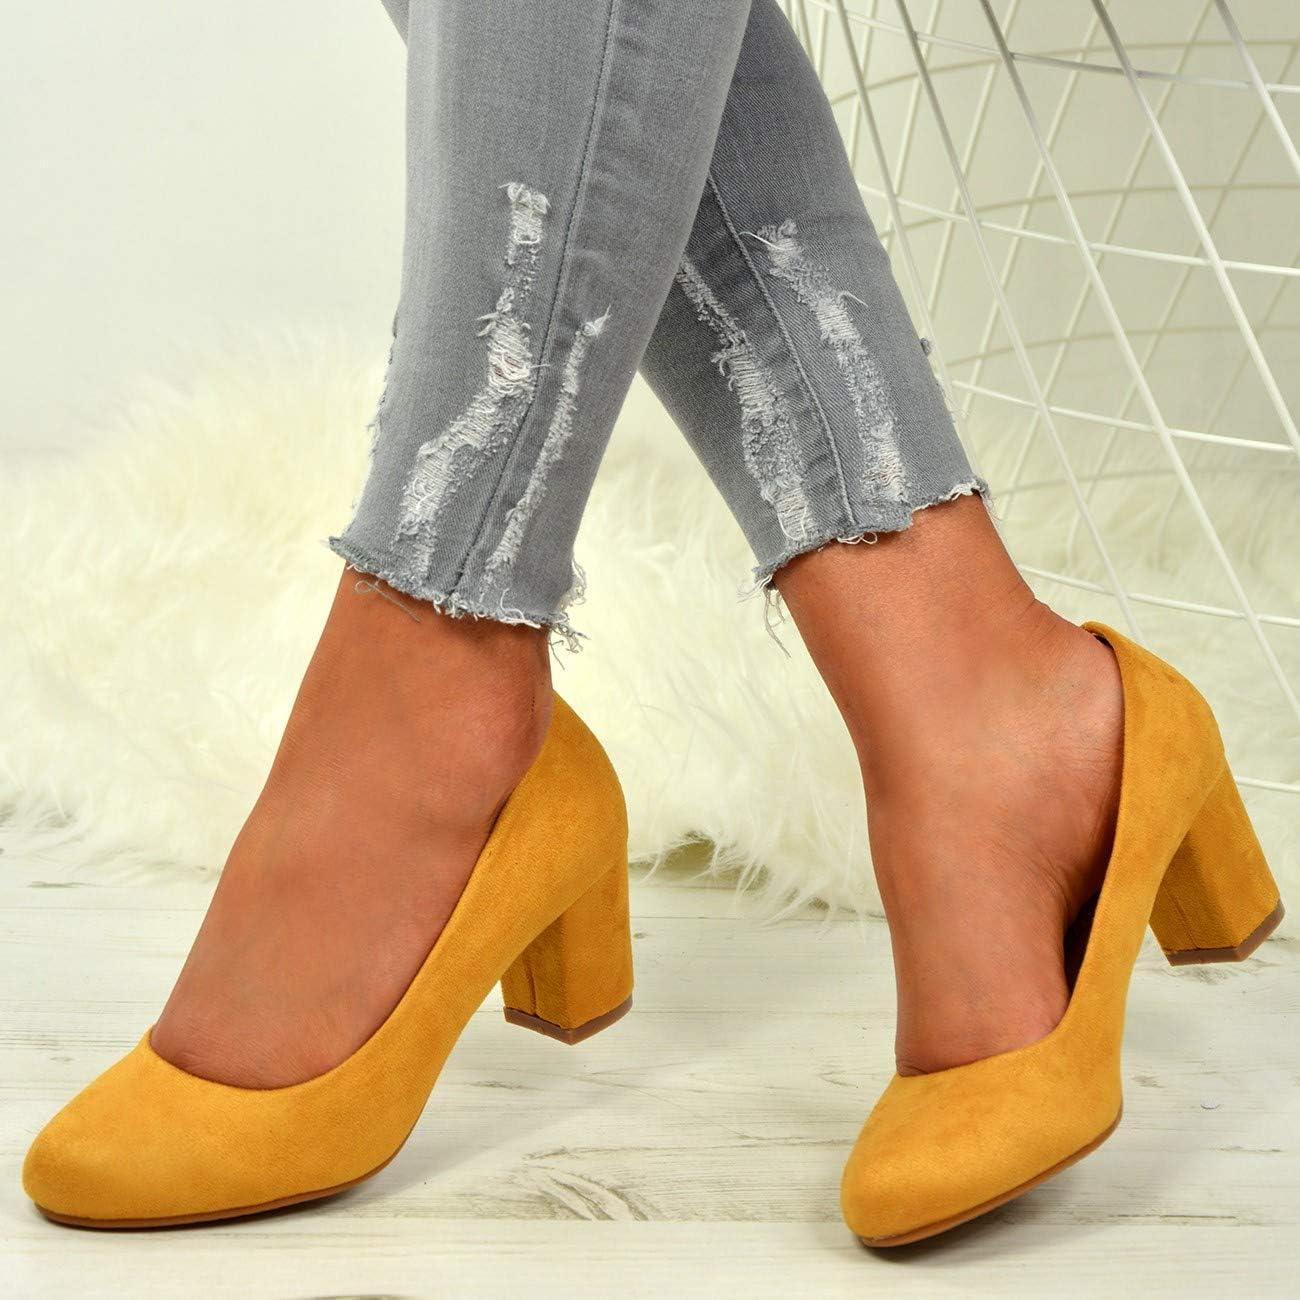 CucuFashion zapatos de tac/ón de bloque Zapatos de corte para mujer zapatos de mujer talla 3-8 zapatos de corte c/ómodos